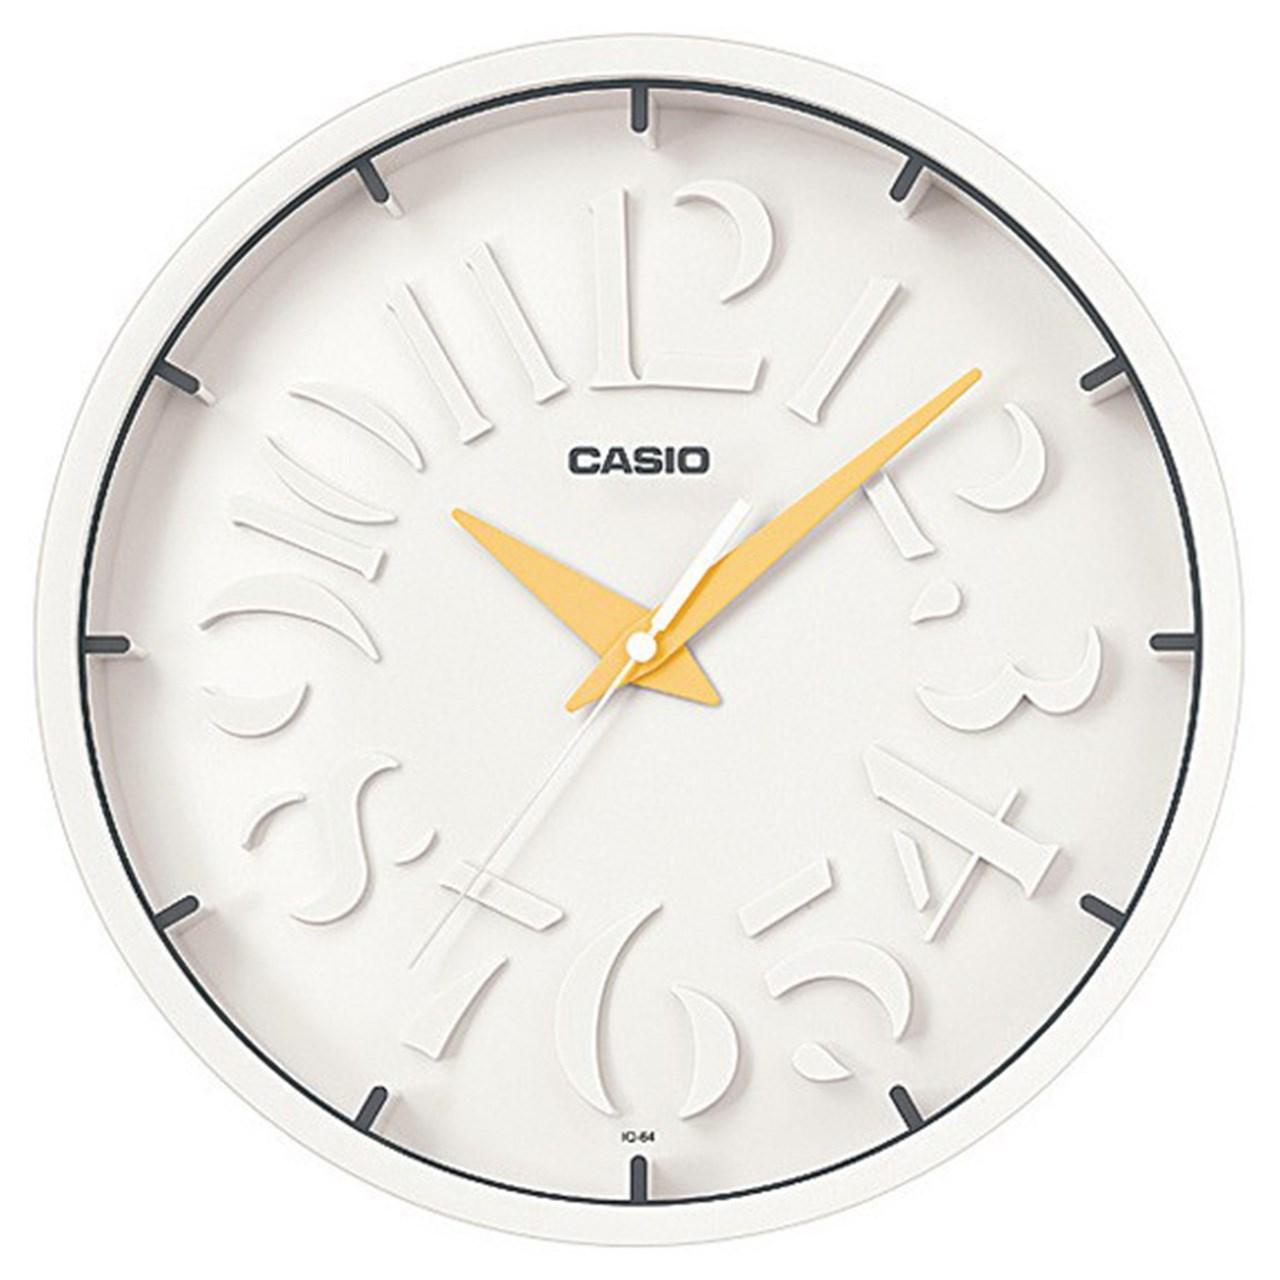 خرید ساعت دیواری کاسیو مدل IQ-64-9DF